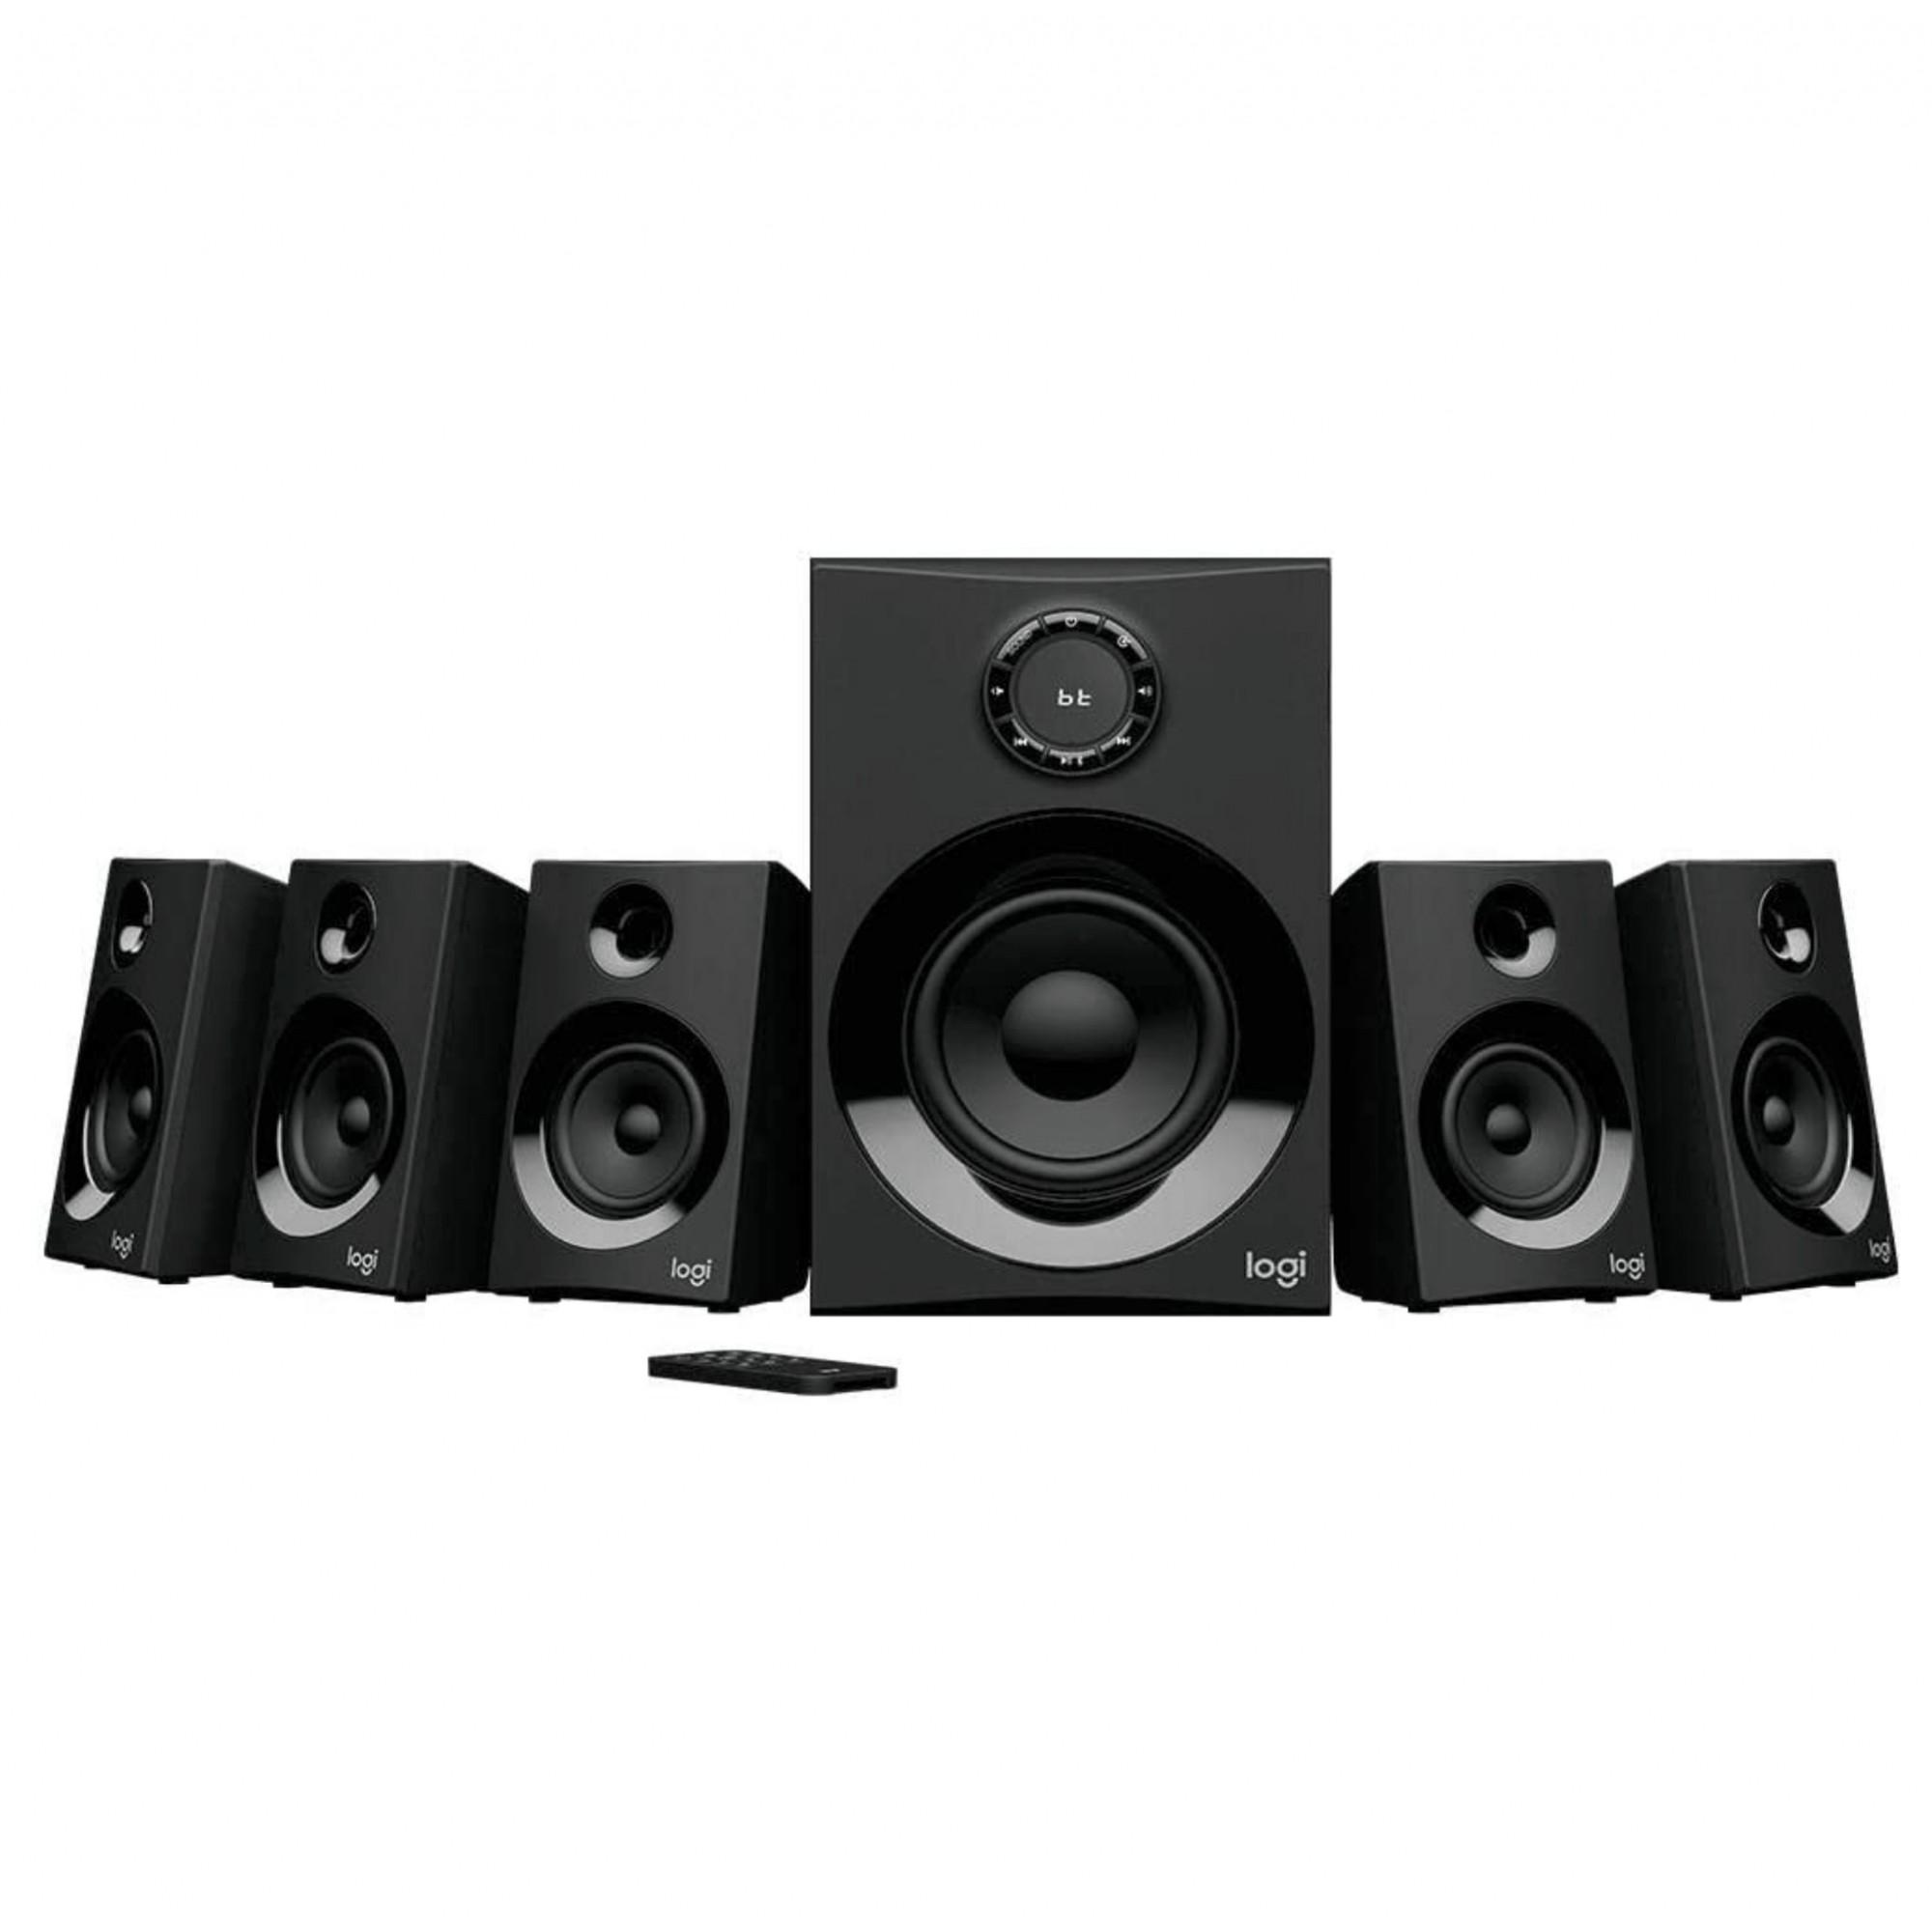 Logitech Z607 Sistema Alto-falantes 5.1 Bluetooth 980-001315